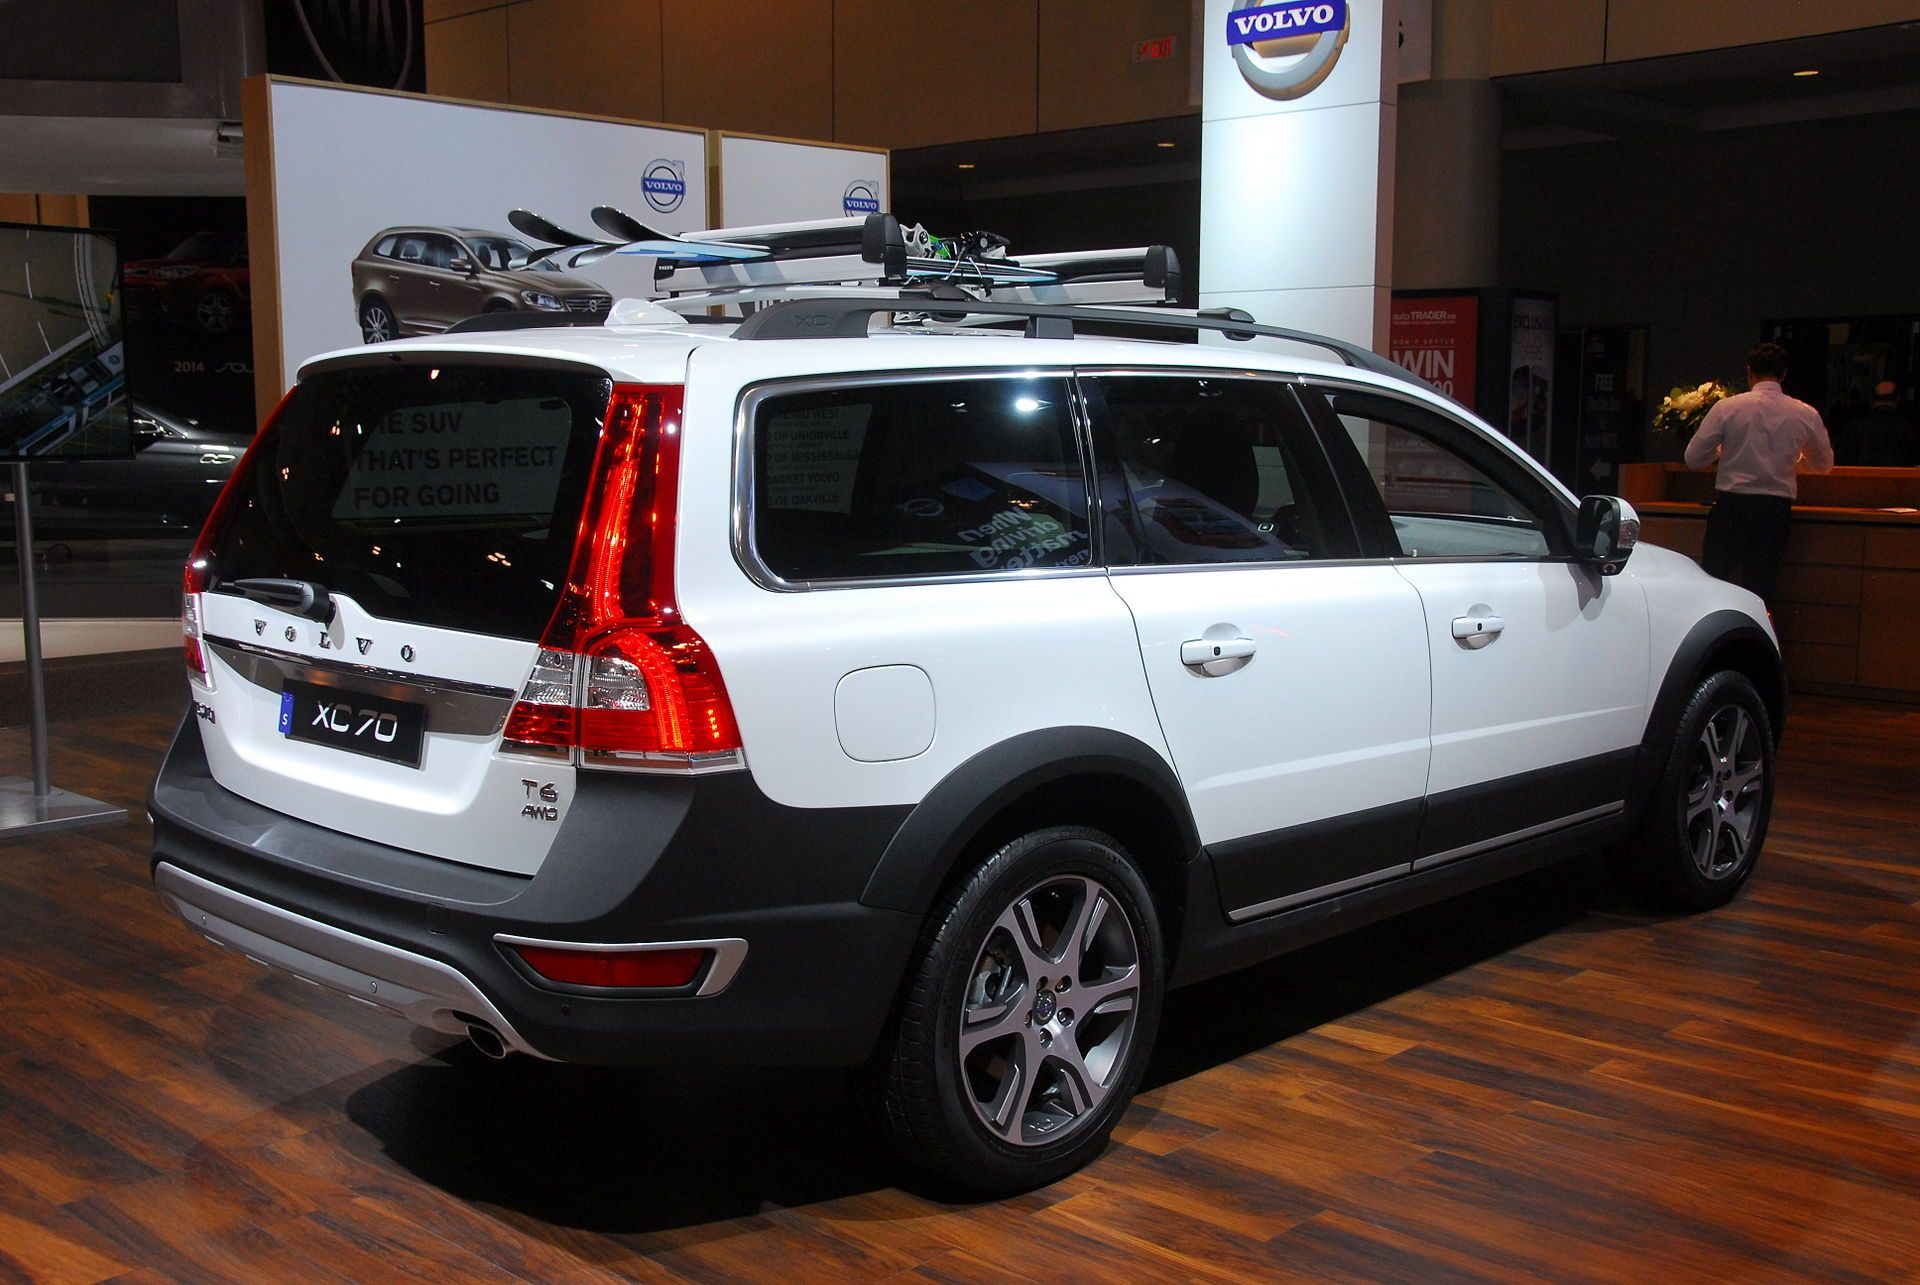 2014 Canadian International AutoShow 0060 (12645183643